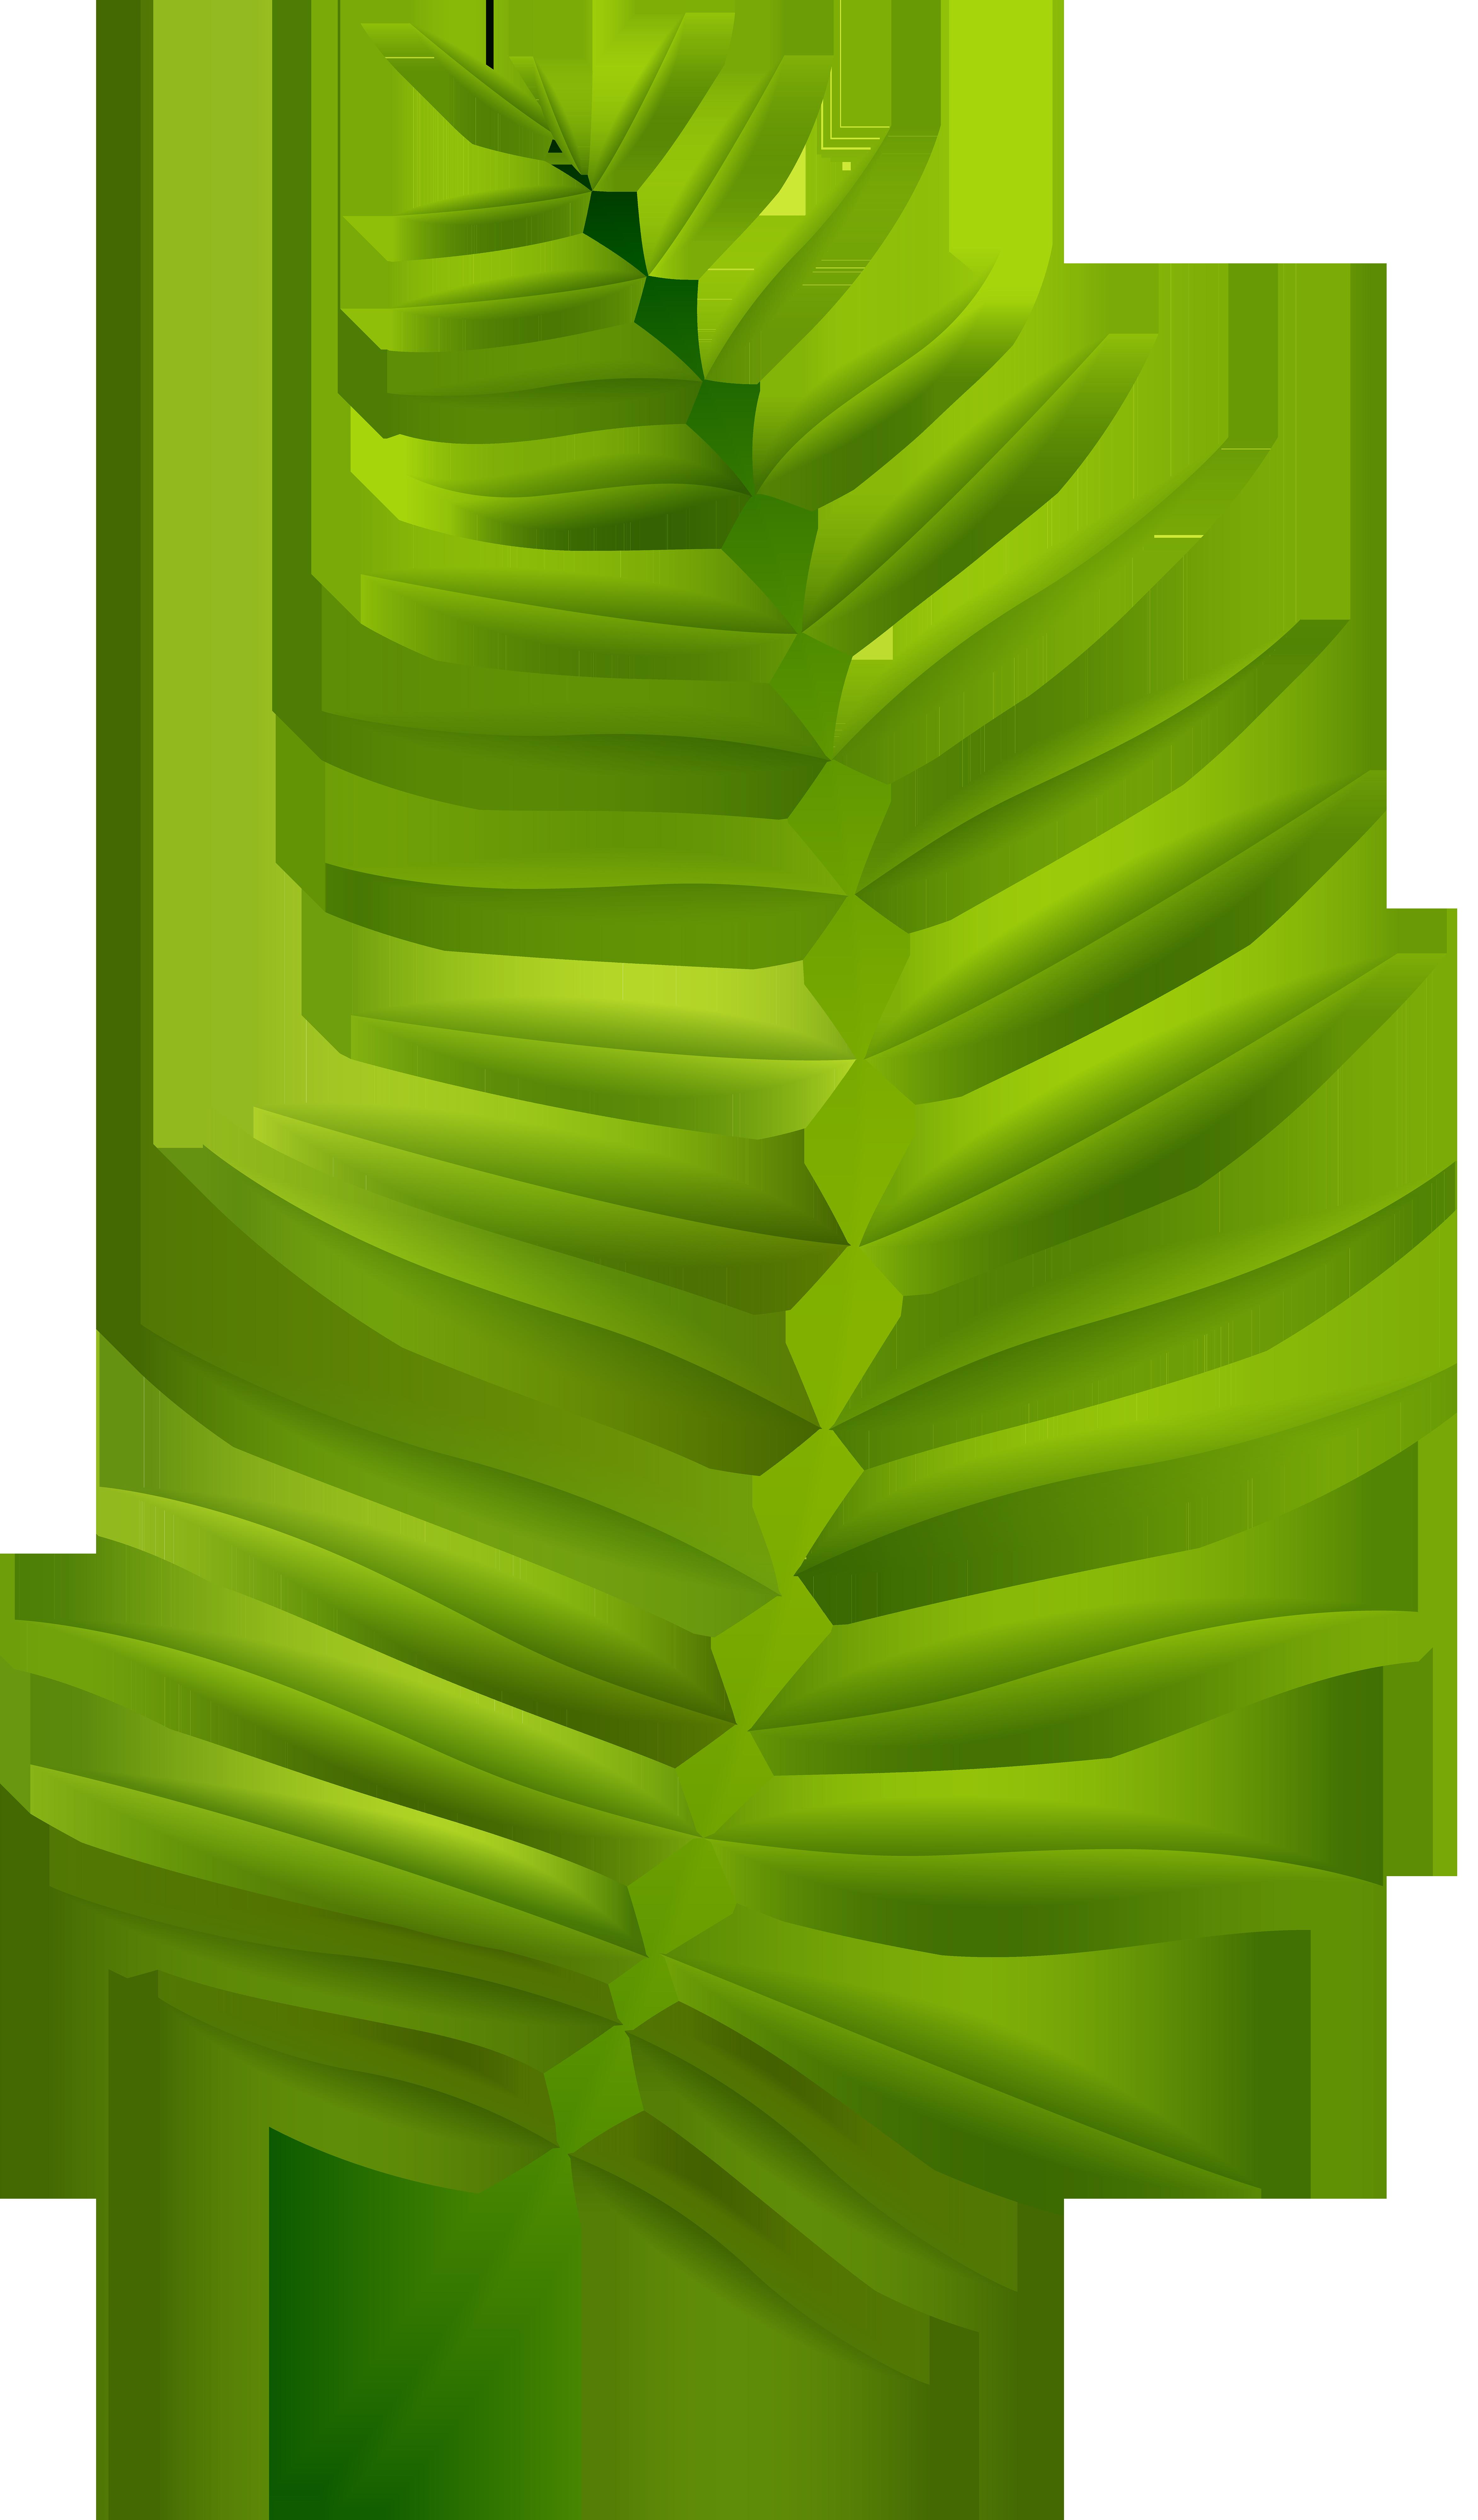 Palm Branch Transparent Clip Art Image.